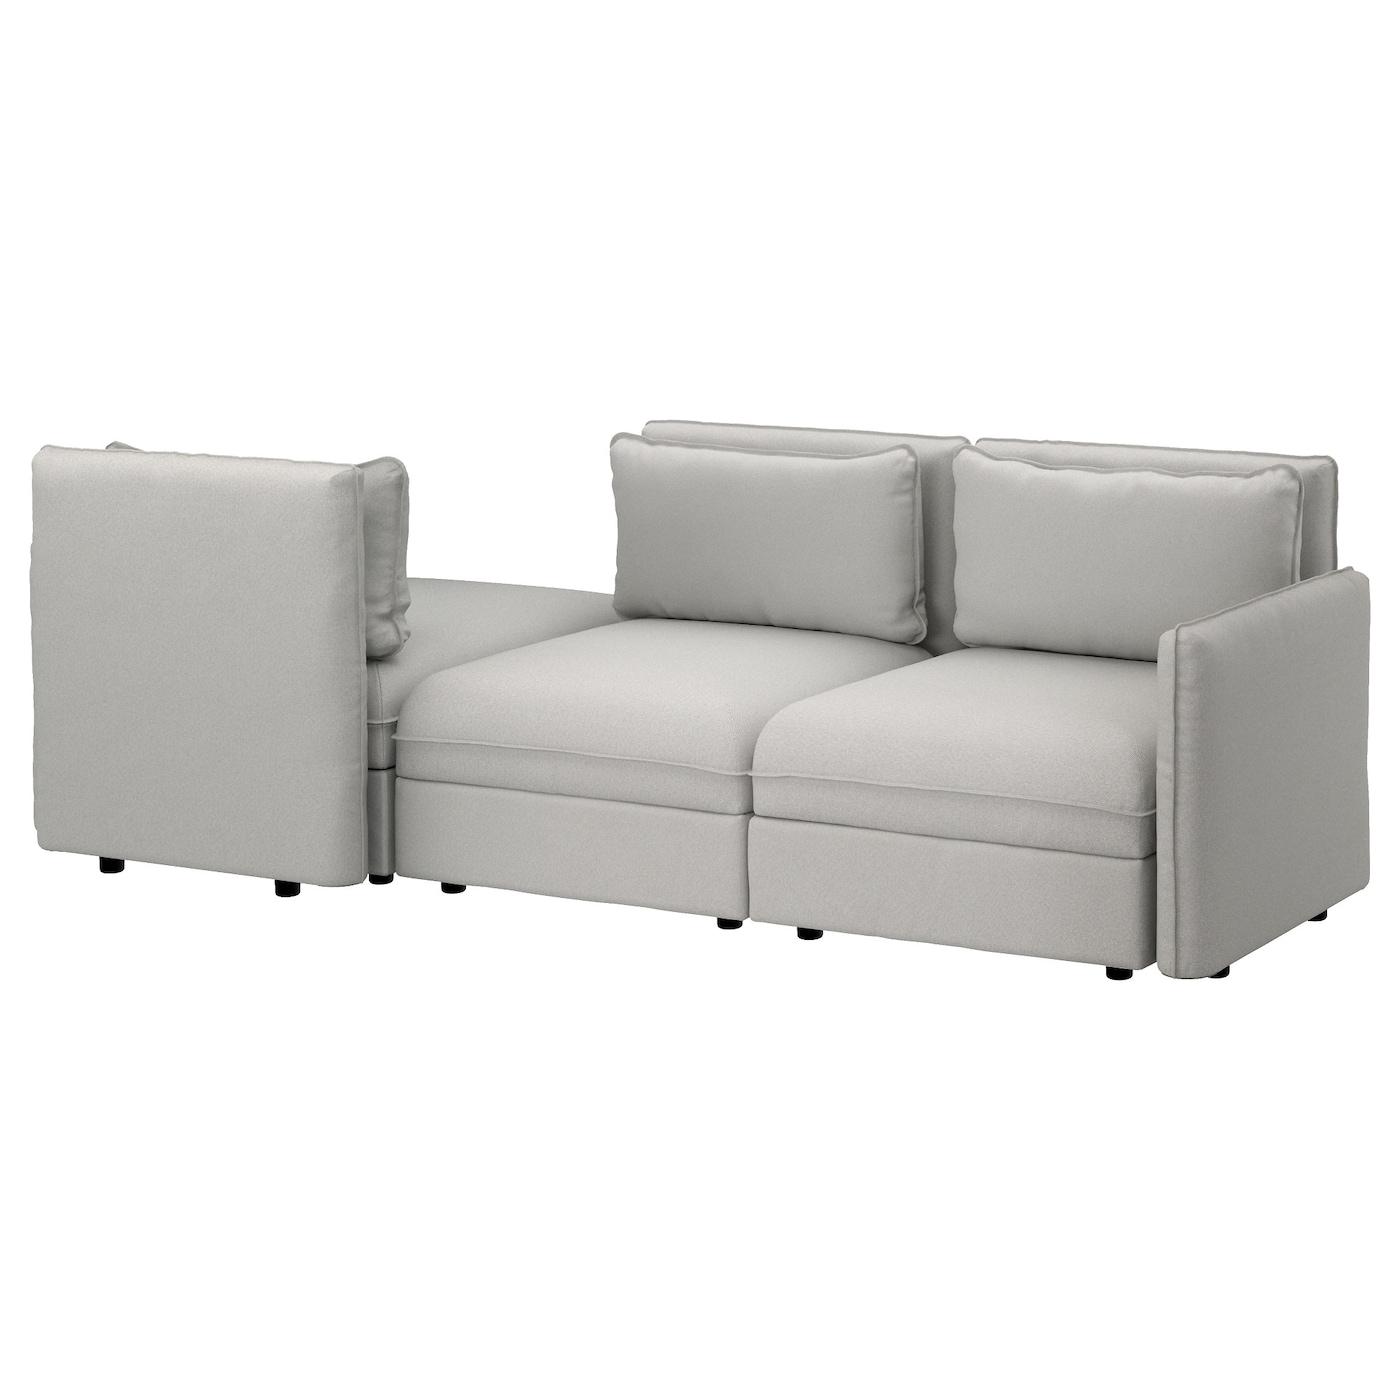 sof s cama y sillones cama compra online ikea. Black Bedroom Furniture Sets. Home Design Ideas